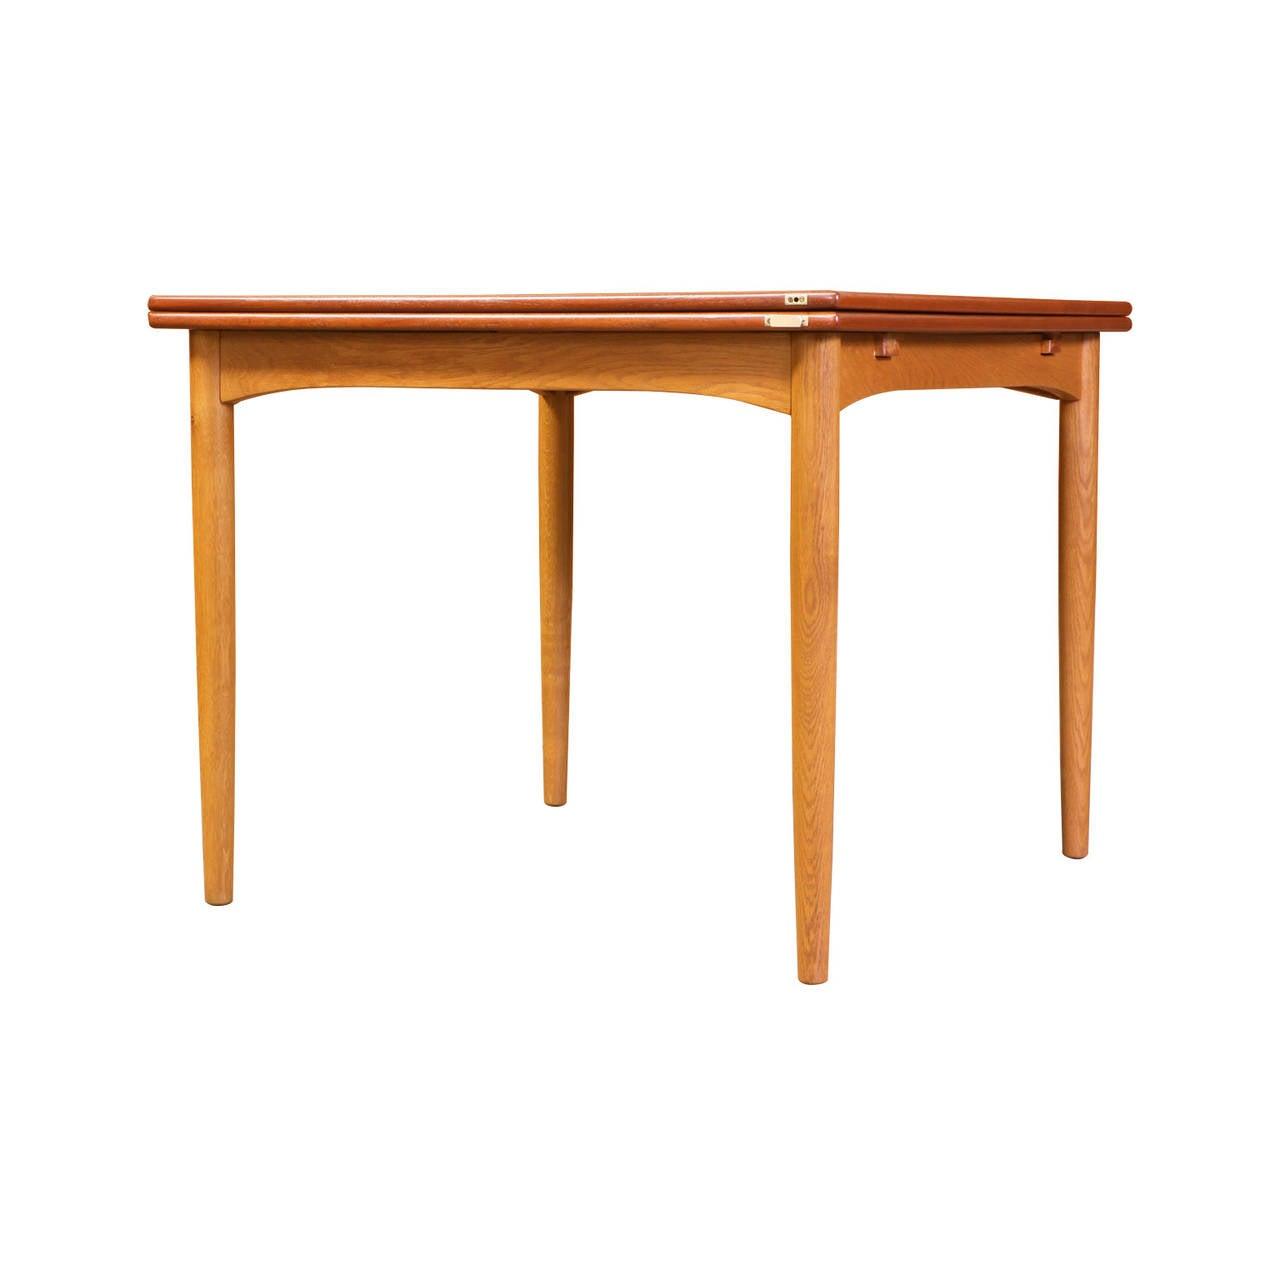 B Rge Mogensen Flip Top Dining Table For Soborg Mobelfabrik For